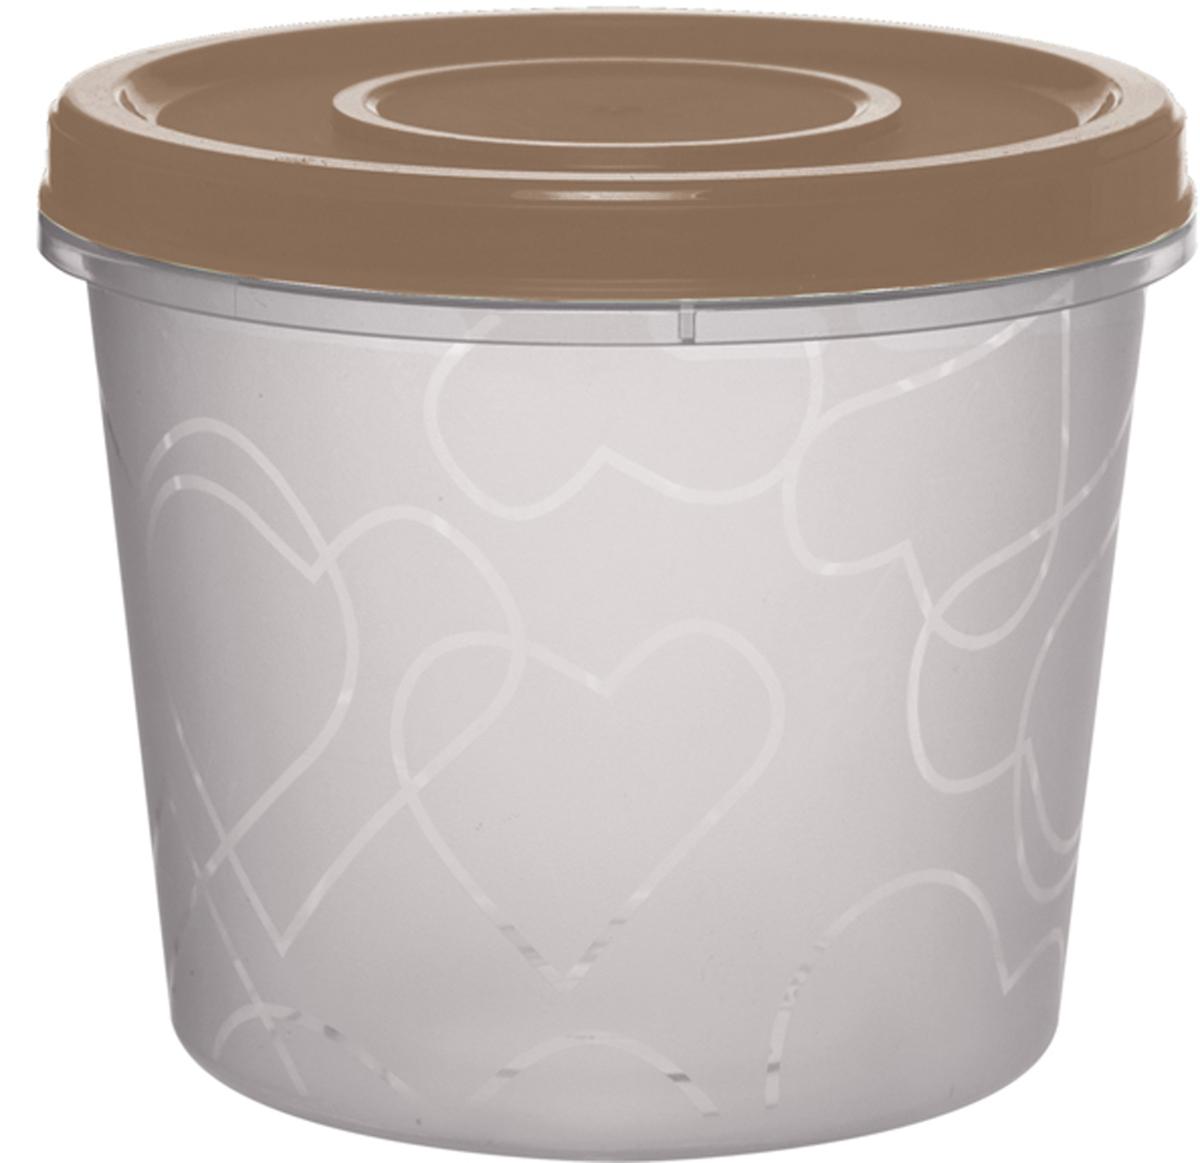 Емкость для продуктов Giaretti, цвет: белый, коричневый, с завинчивающейся крышкой, 700 млGR1888МИКС-ЗМЕмкость для продуктов Giaretti изготовлена из пищевого полипропилена. Крышка хорошо завинчивается, дольше сохраняя продукты свежими. Боковые стенки прозрачные, что позволяет видеть содержимое.Емкость идеально подходит для хранения пищи, фруктов, ягод, овощей.Такая емкость пригодится в любом хозяйстве.